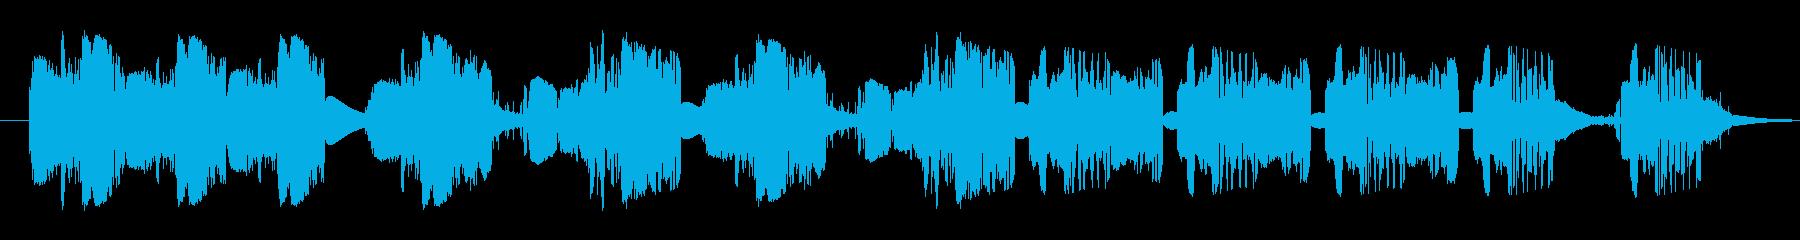 ズーピング静的干渉スワイプ1の再生済みの波形